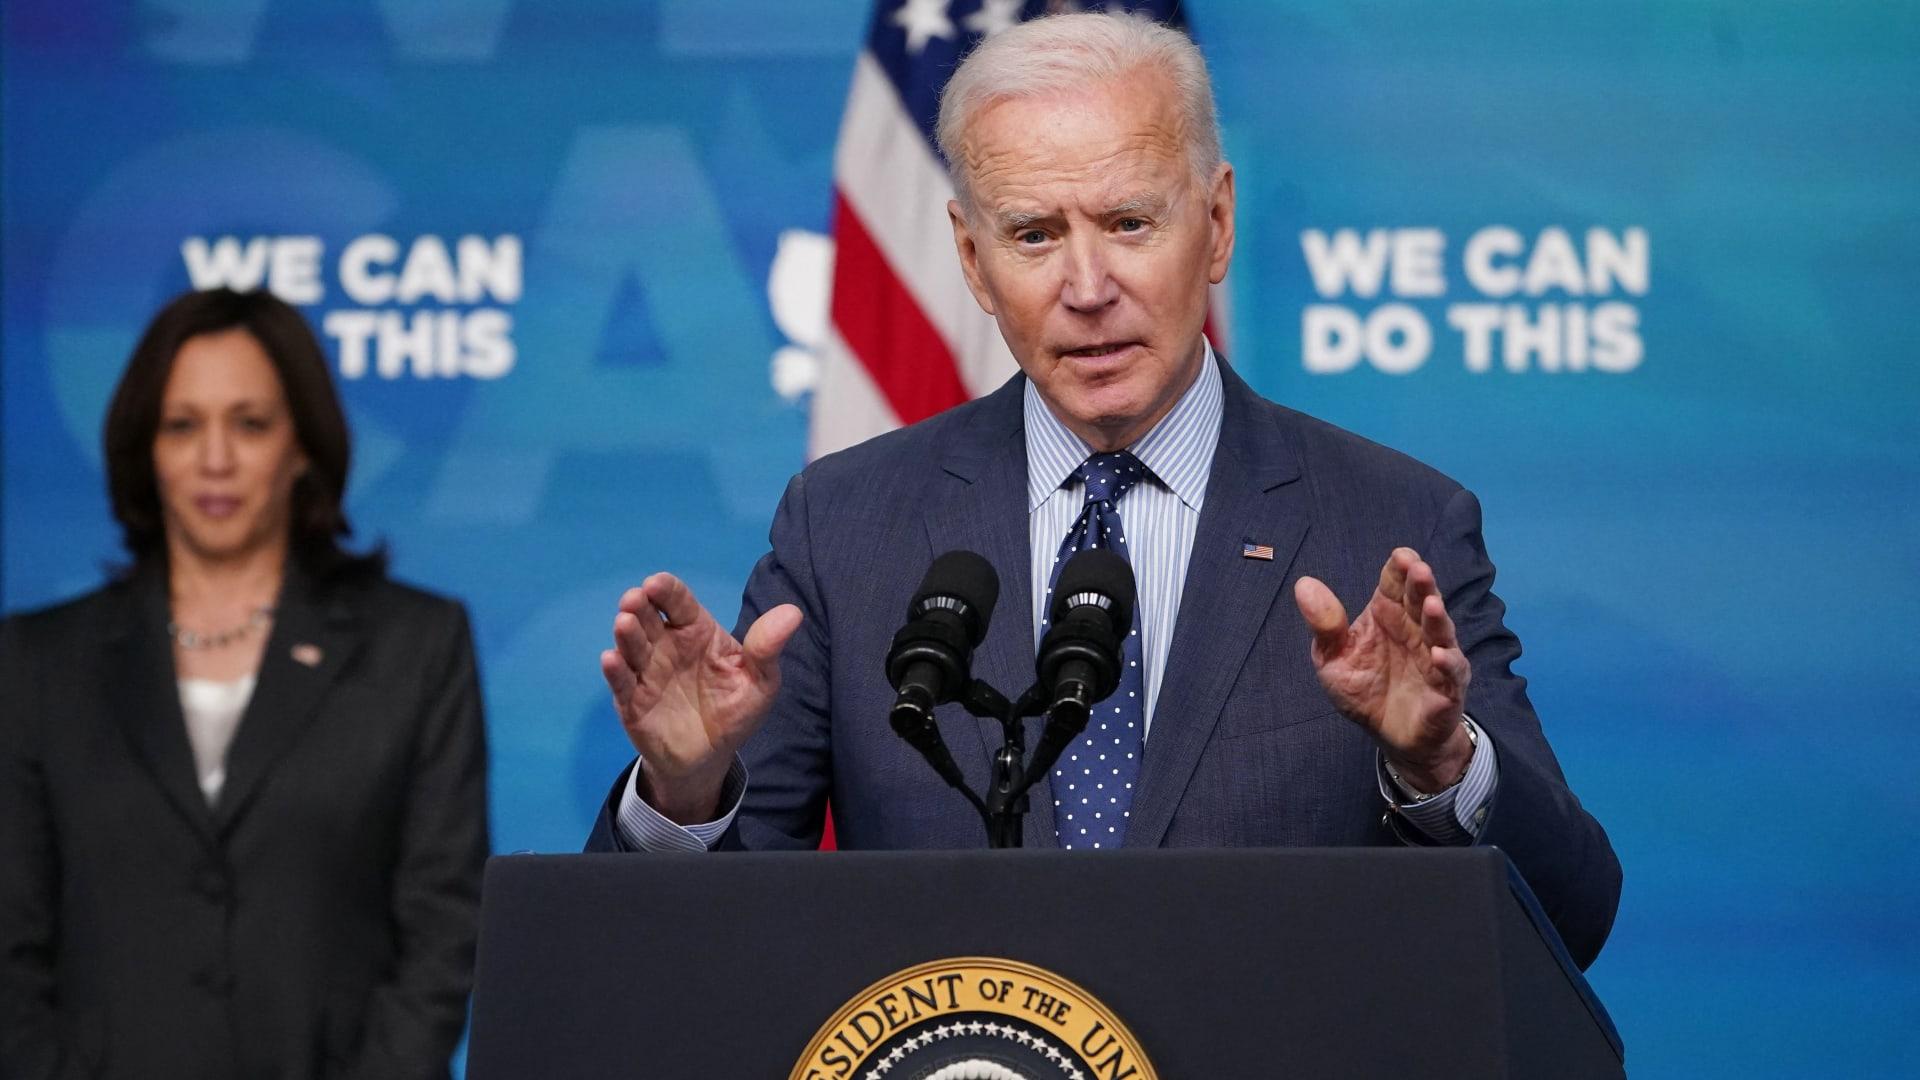 الرئيس بايدن يوجه الاستخبارات الأمريكية للتحقيق في أصل فيروس كورونا